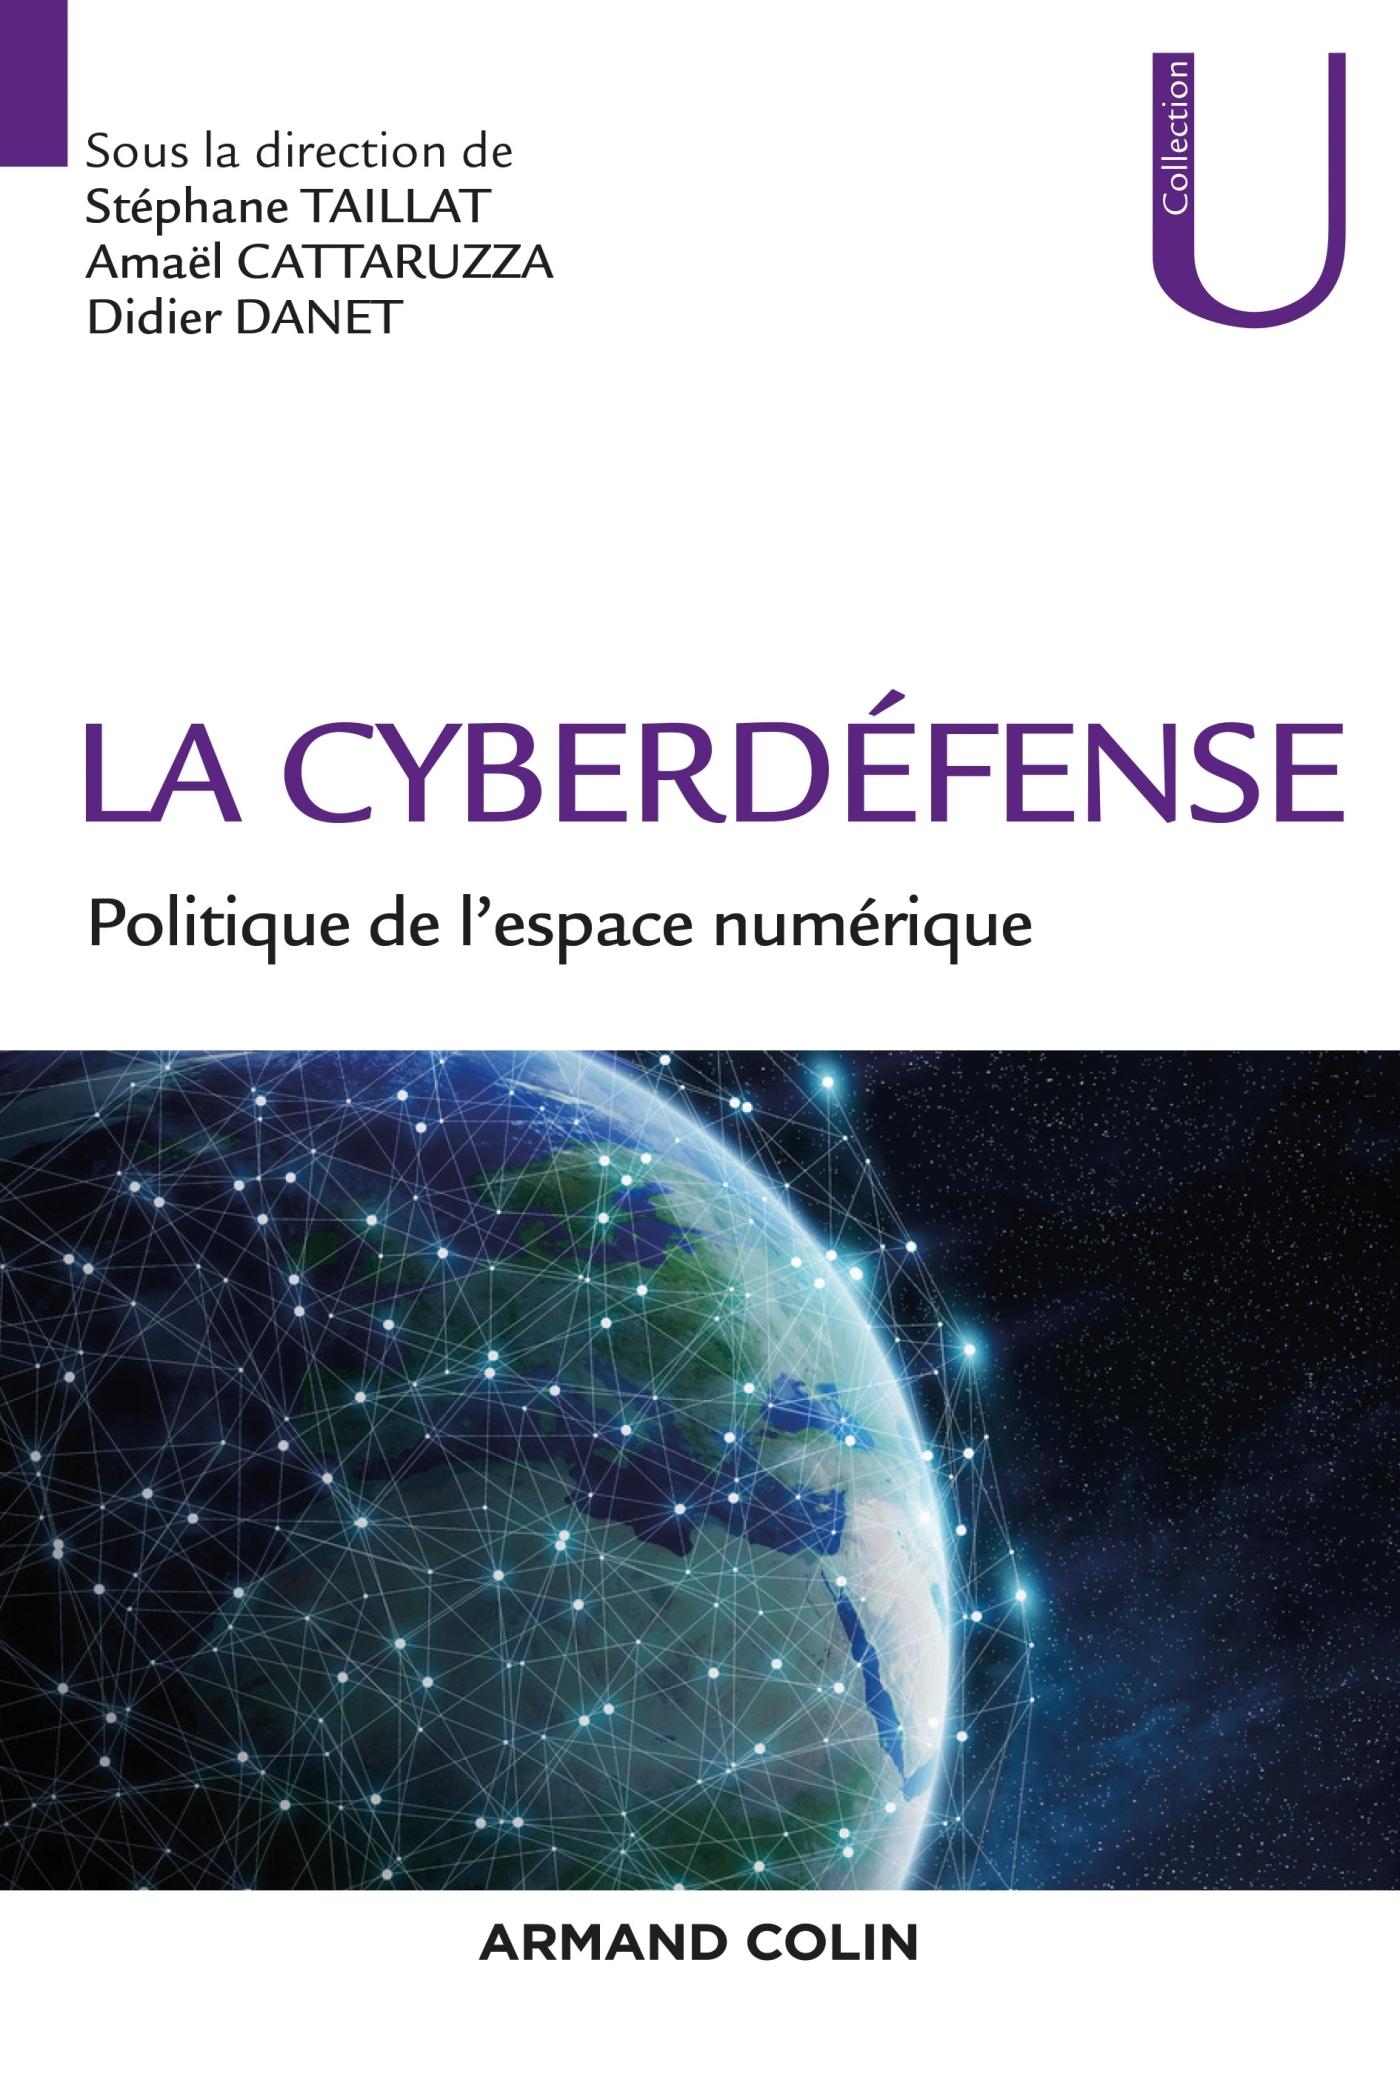 LA CYBERDEFENSE - POLITIQUE DE L'ESPACE NUMERIQUE